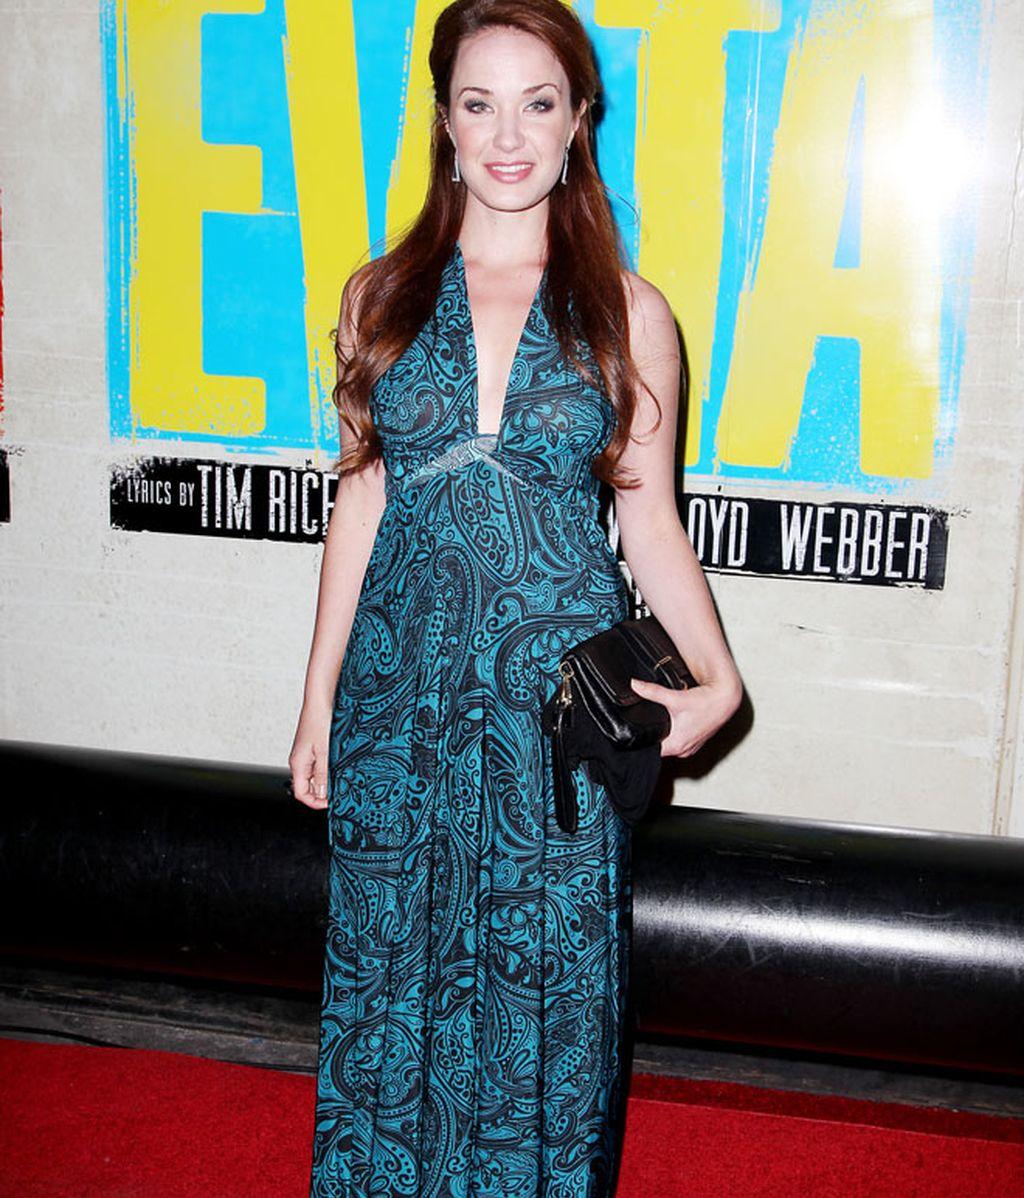 Sobredosis de flúor en el estreno de 'Evita'